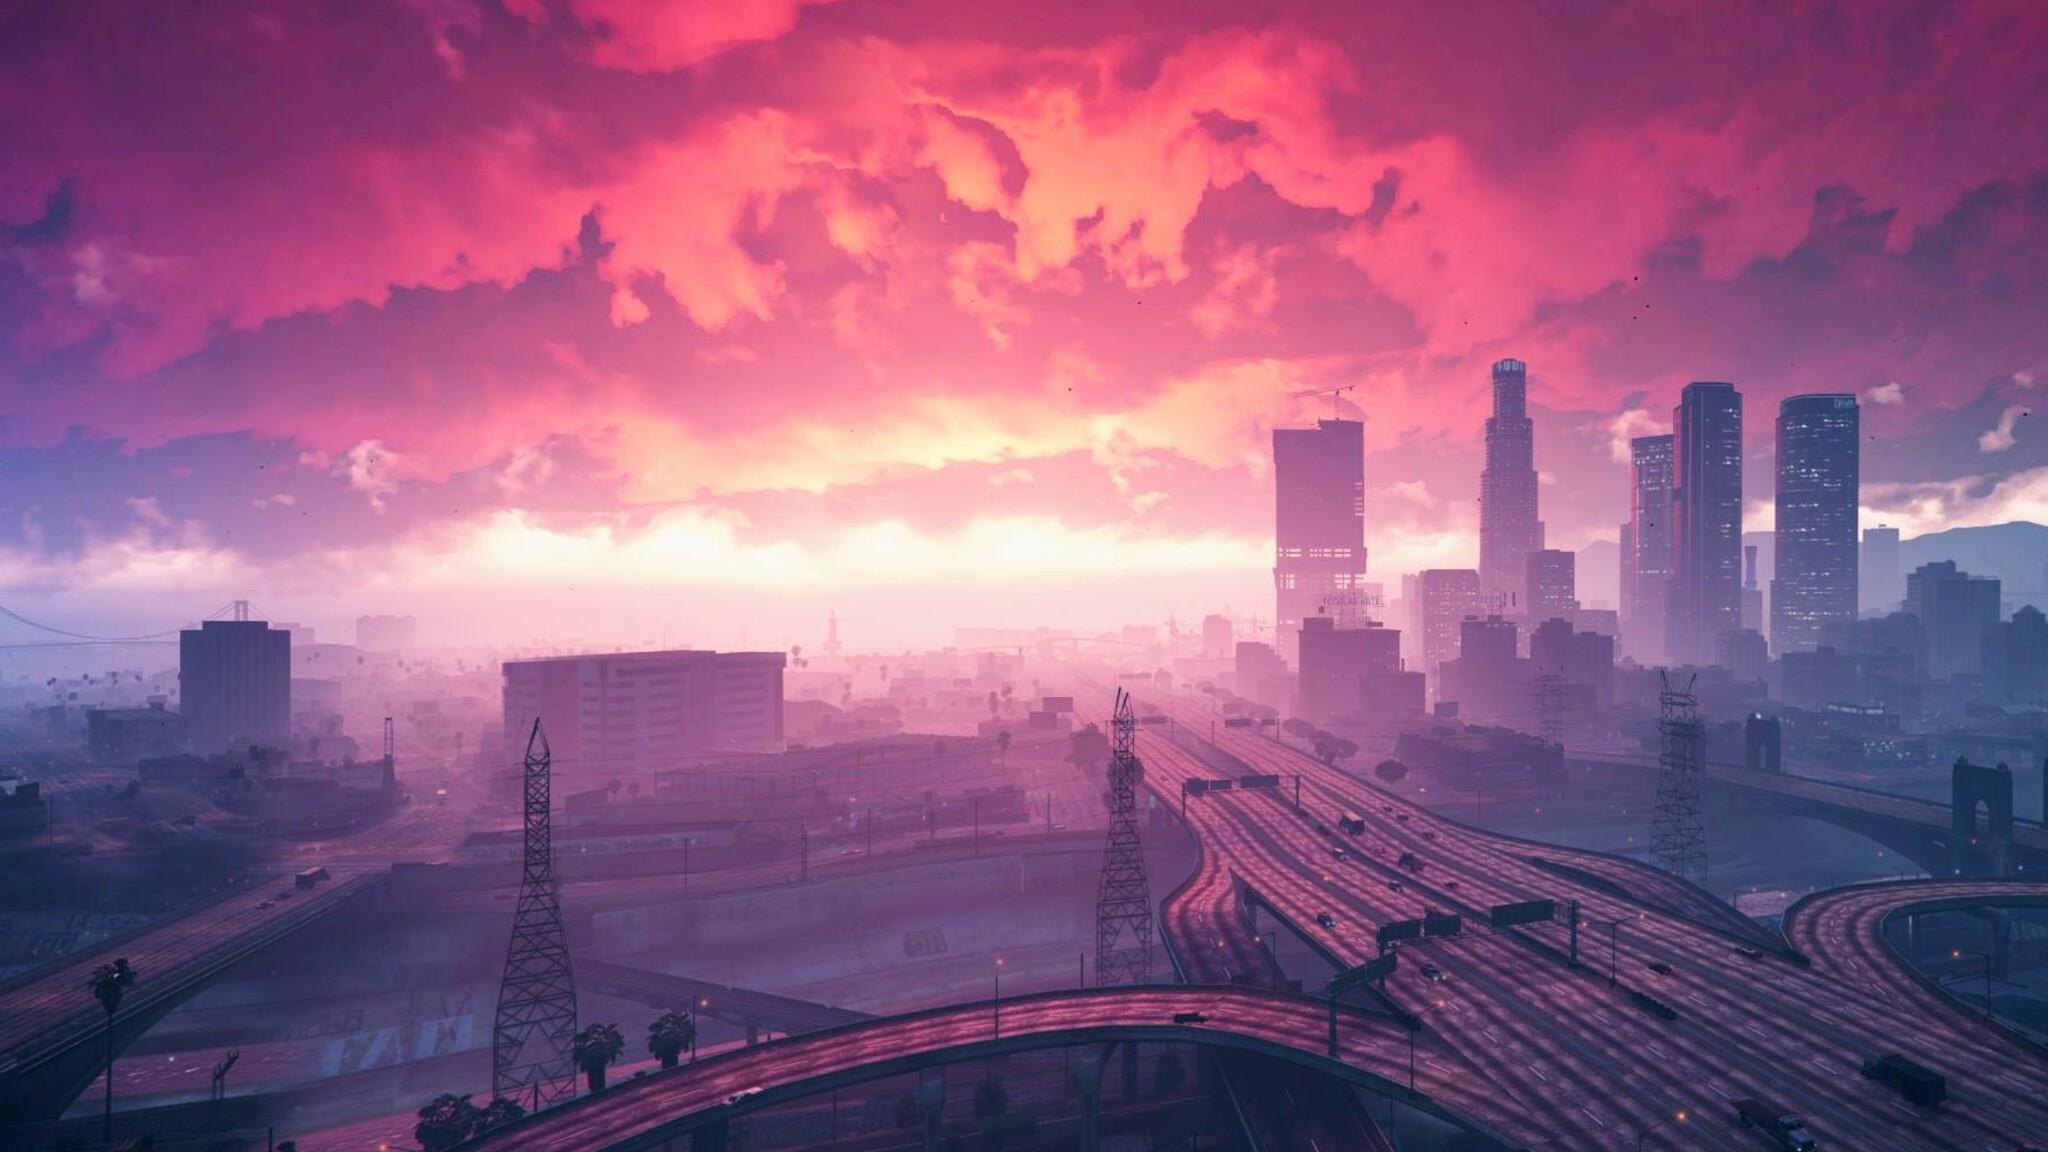 2048x1152 Gta V Redux Nature 2048x1152 Resolution Hd 4k: 2048x1152 Grand Theft Auto V Sunset Artwork 2048x1152